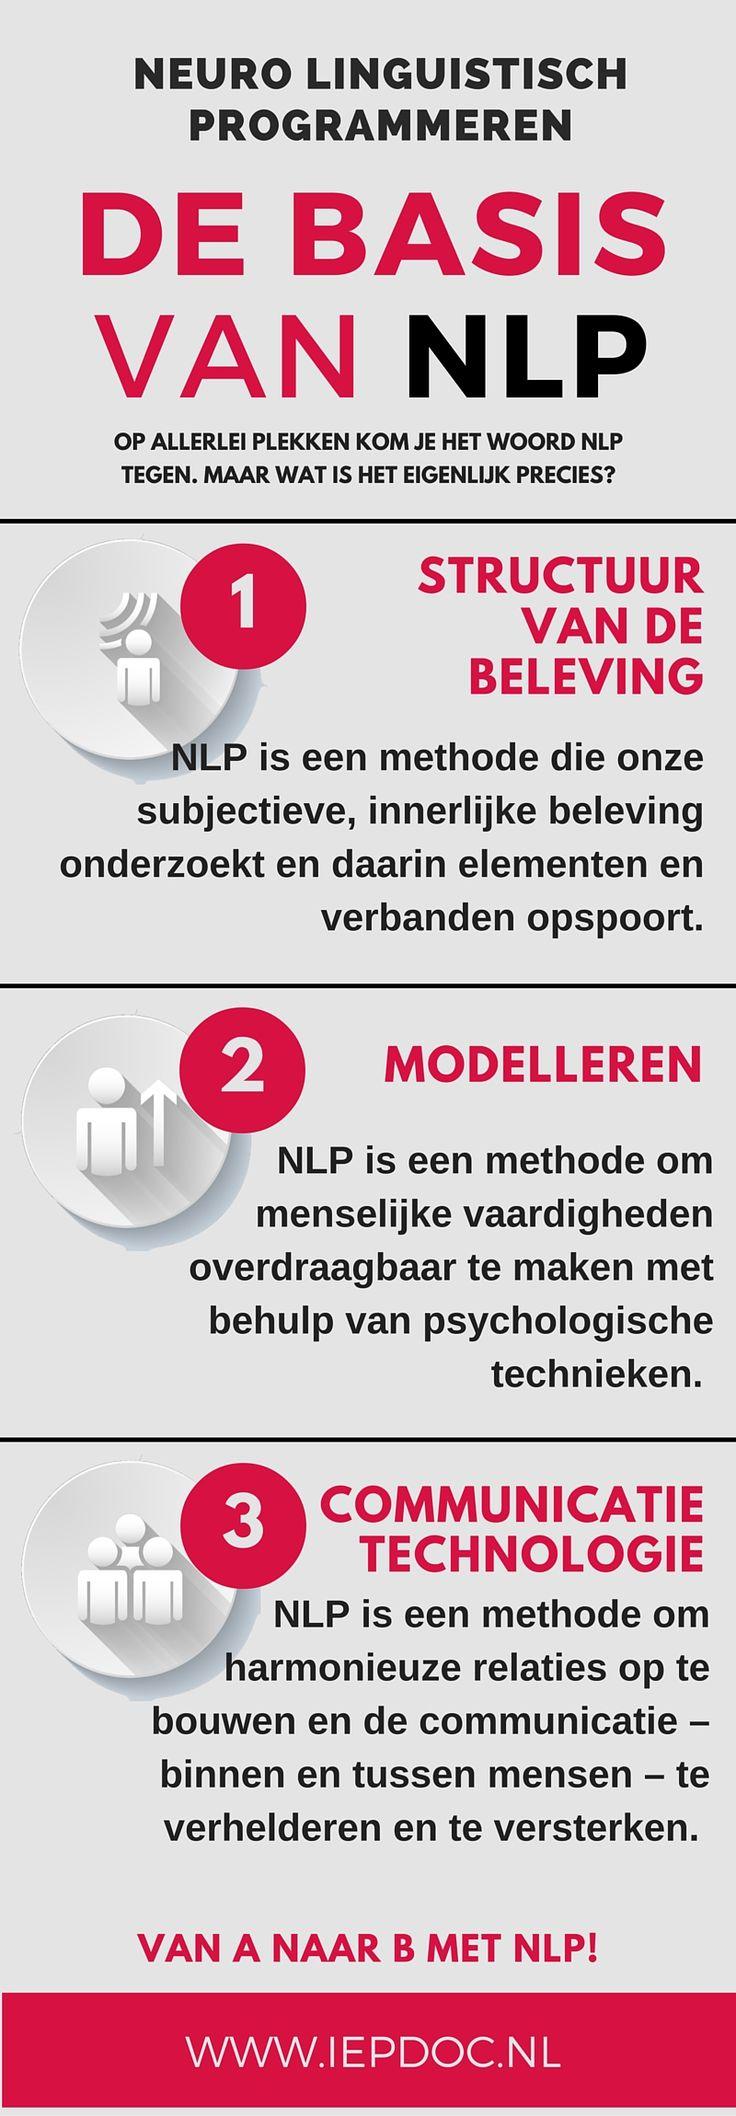 NLP, Neuro Linguistisch Programmeren, wat is het? Wat is de basis van NLP? Wat voor NLP-infographic zou jij graag willen zien?